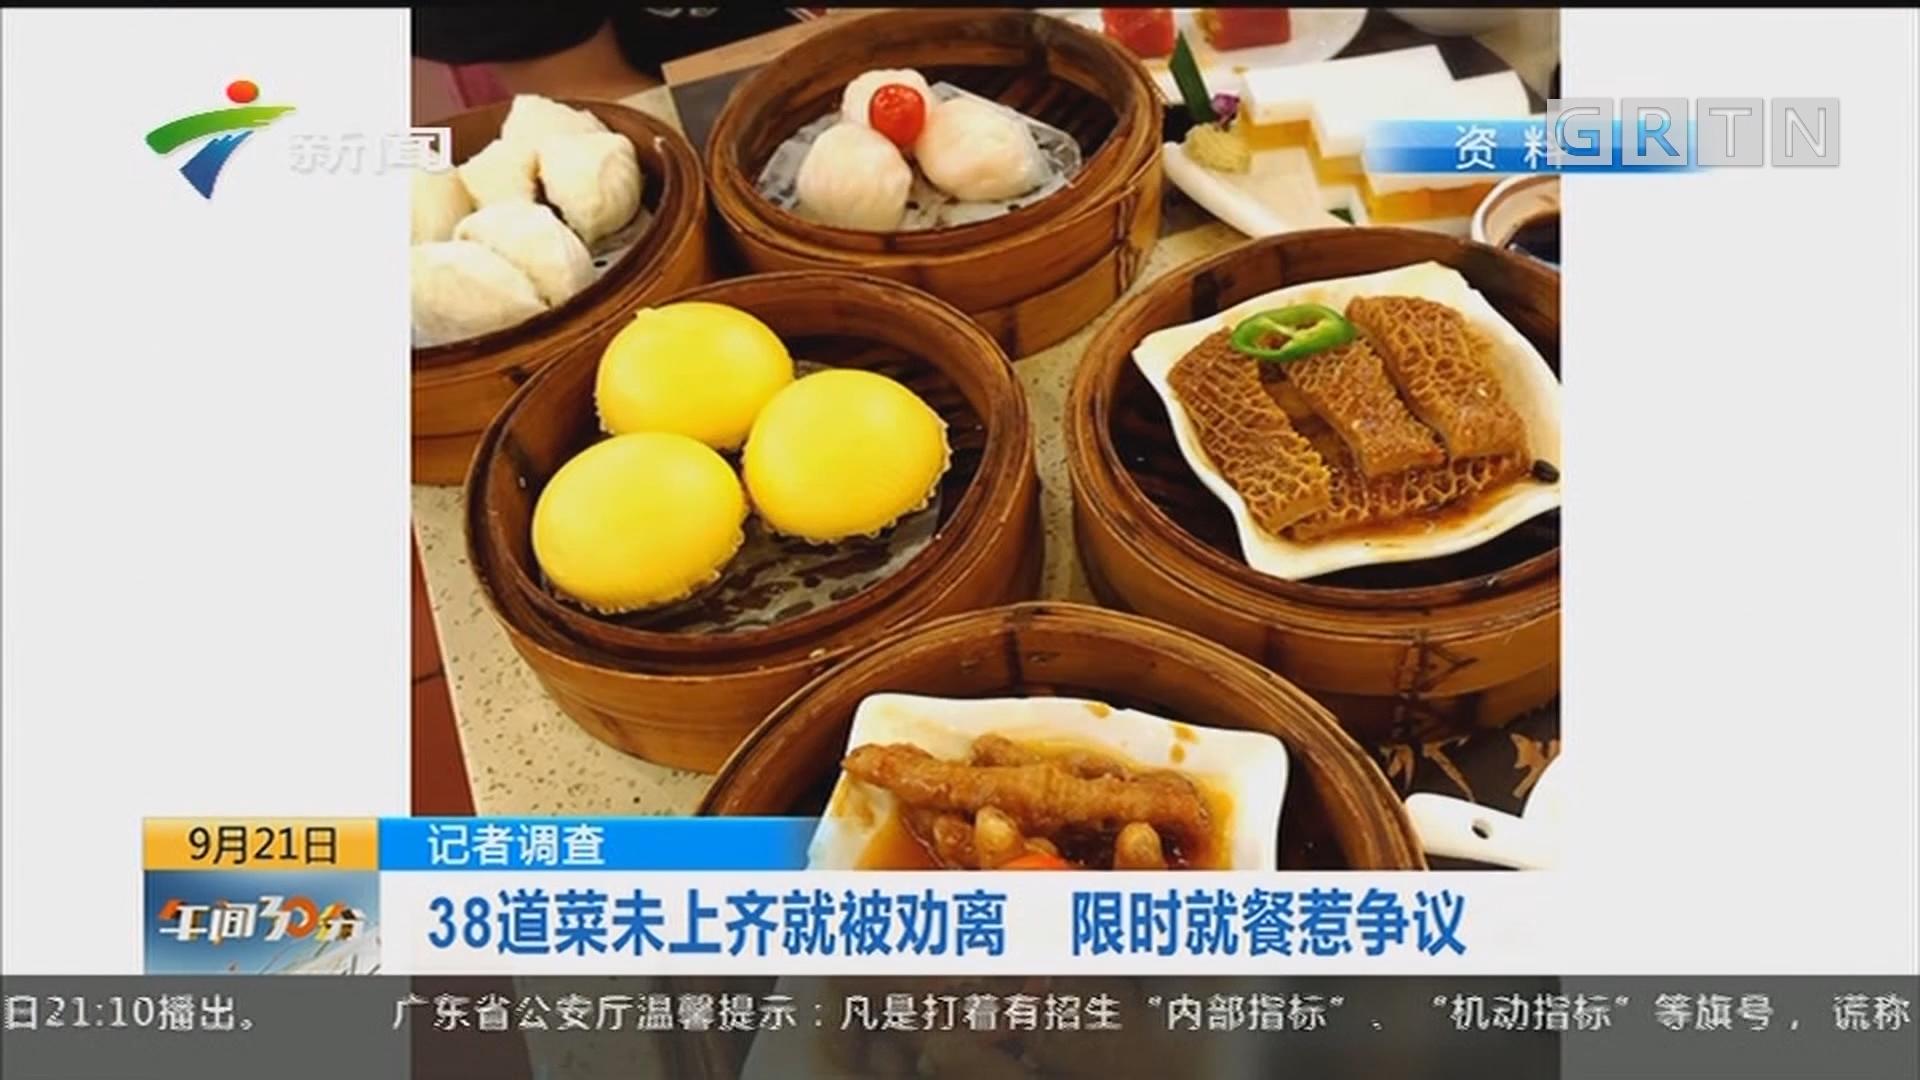 记者调查:38道菜未上齐就被劝离 限时就餐惹争议